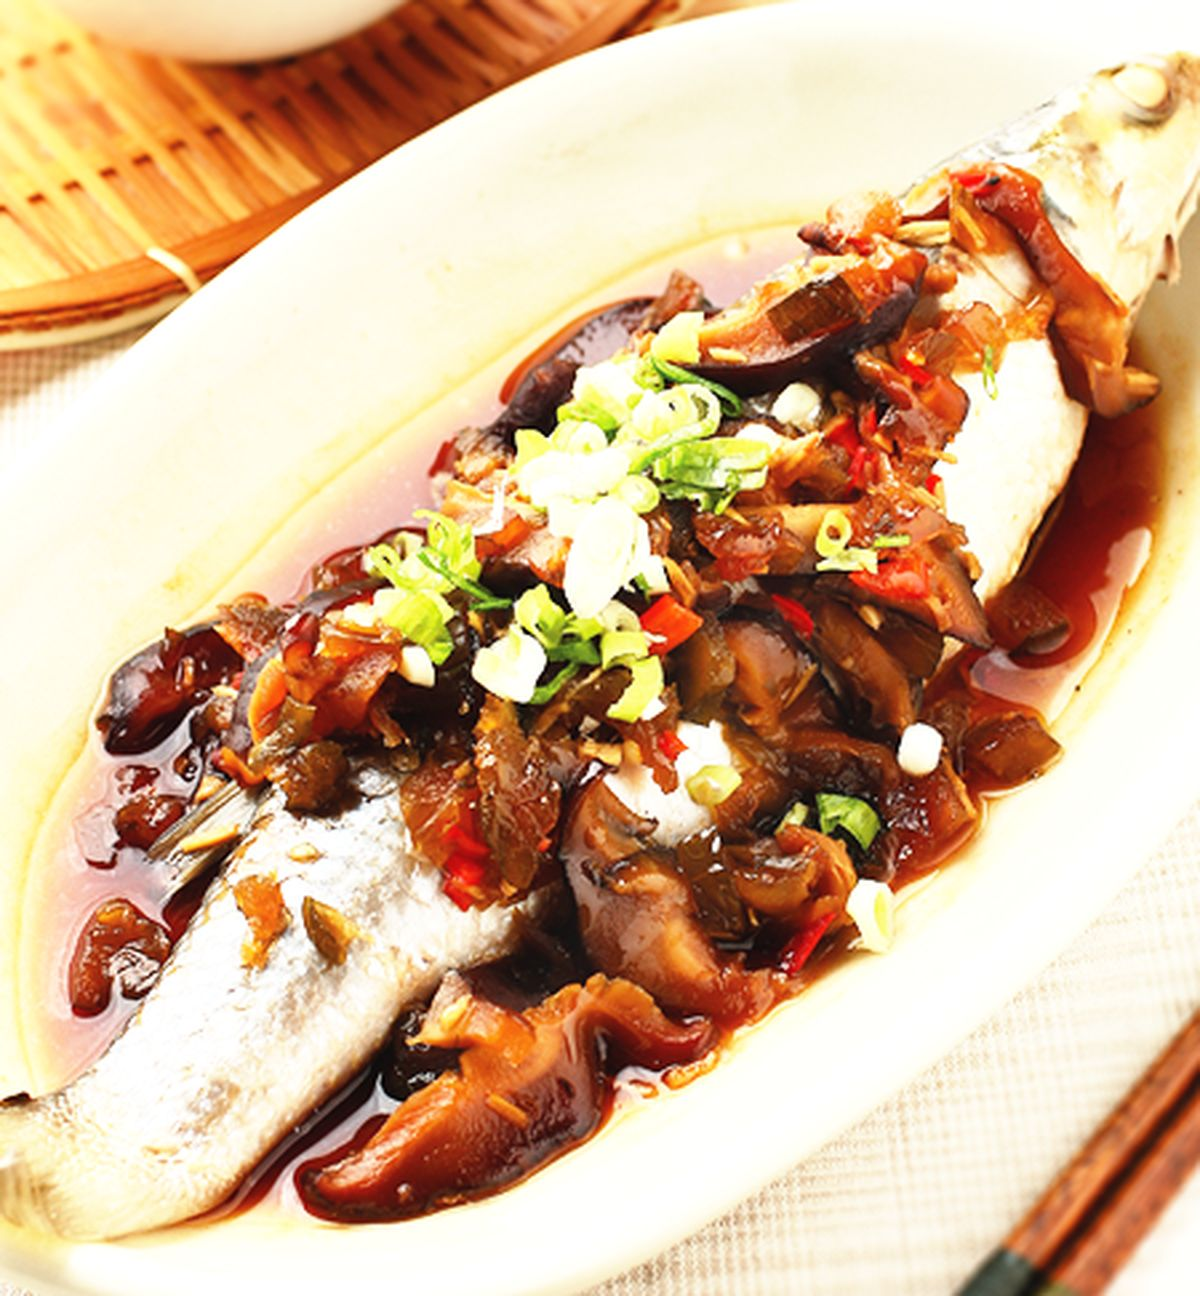 食譜:蔭瓜蒸魚